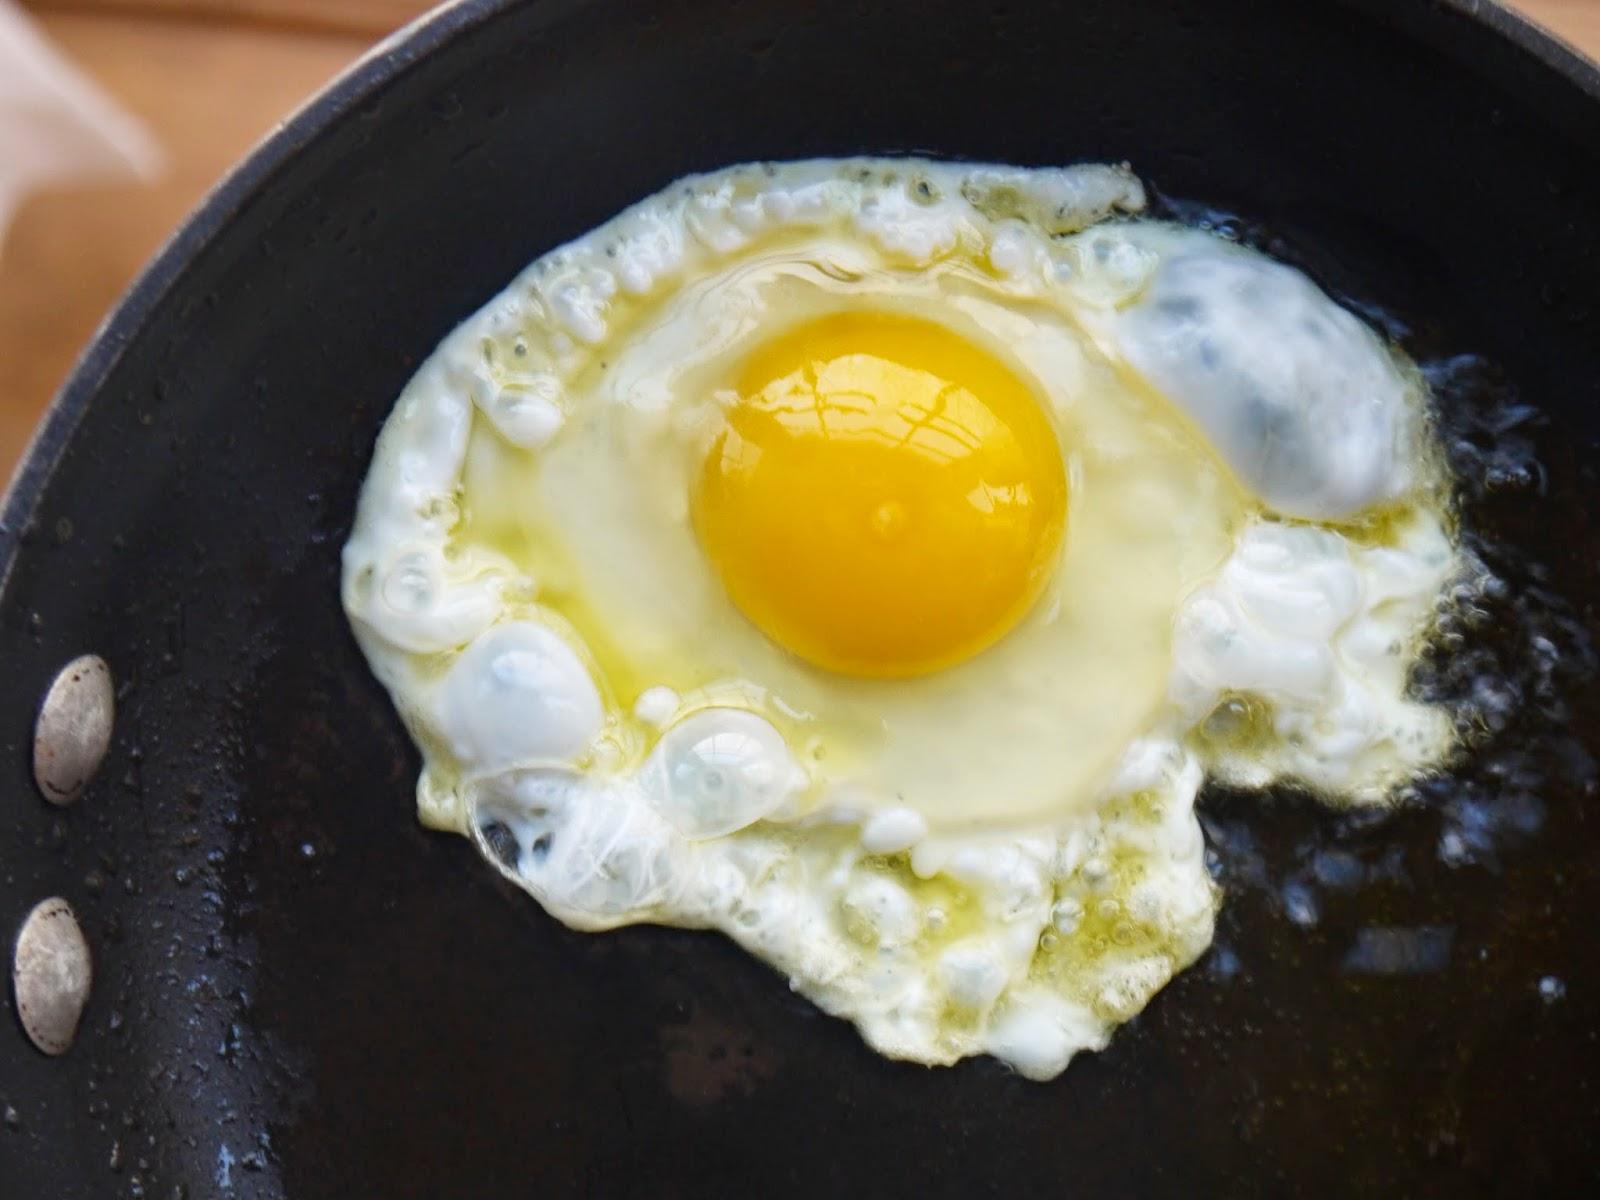 Bint Rhoda's Kitchen: How to Fry Eggs like an Arab: Crispy Fried ...